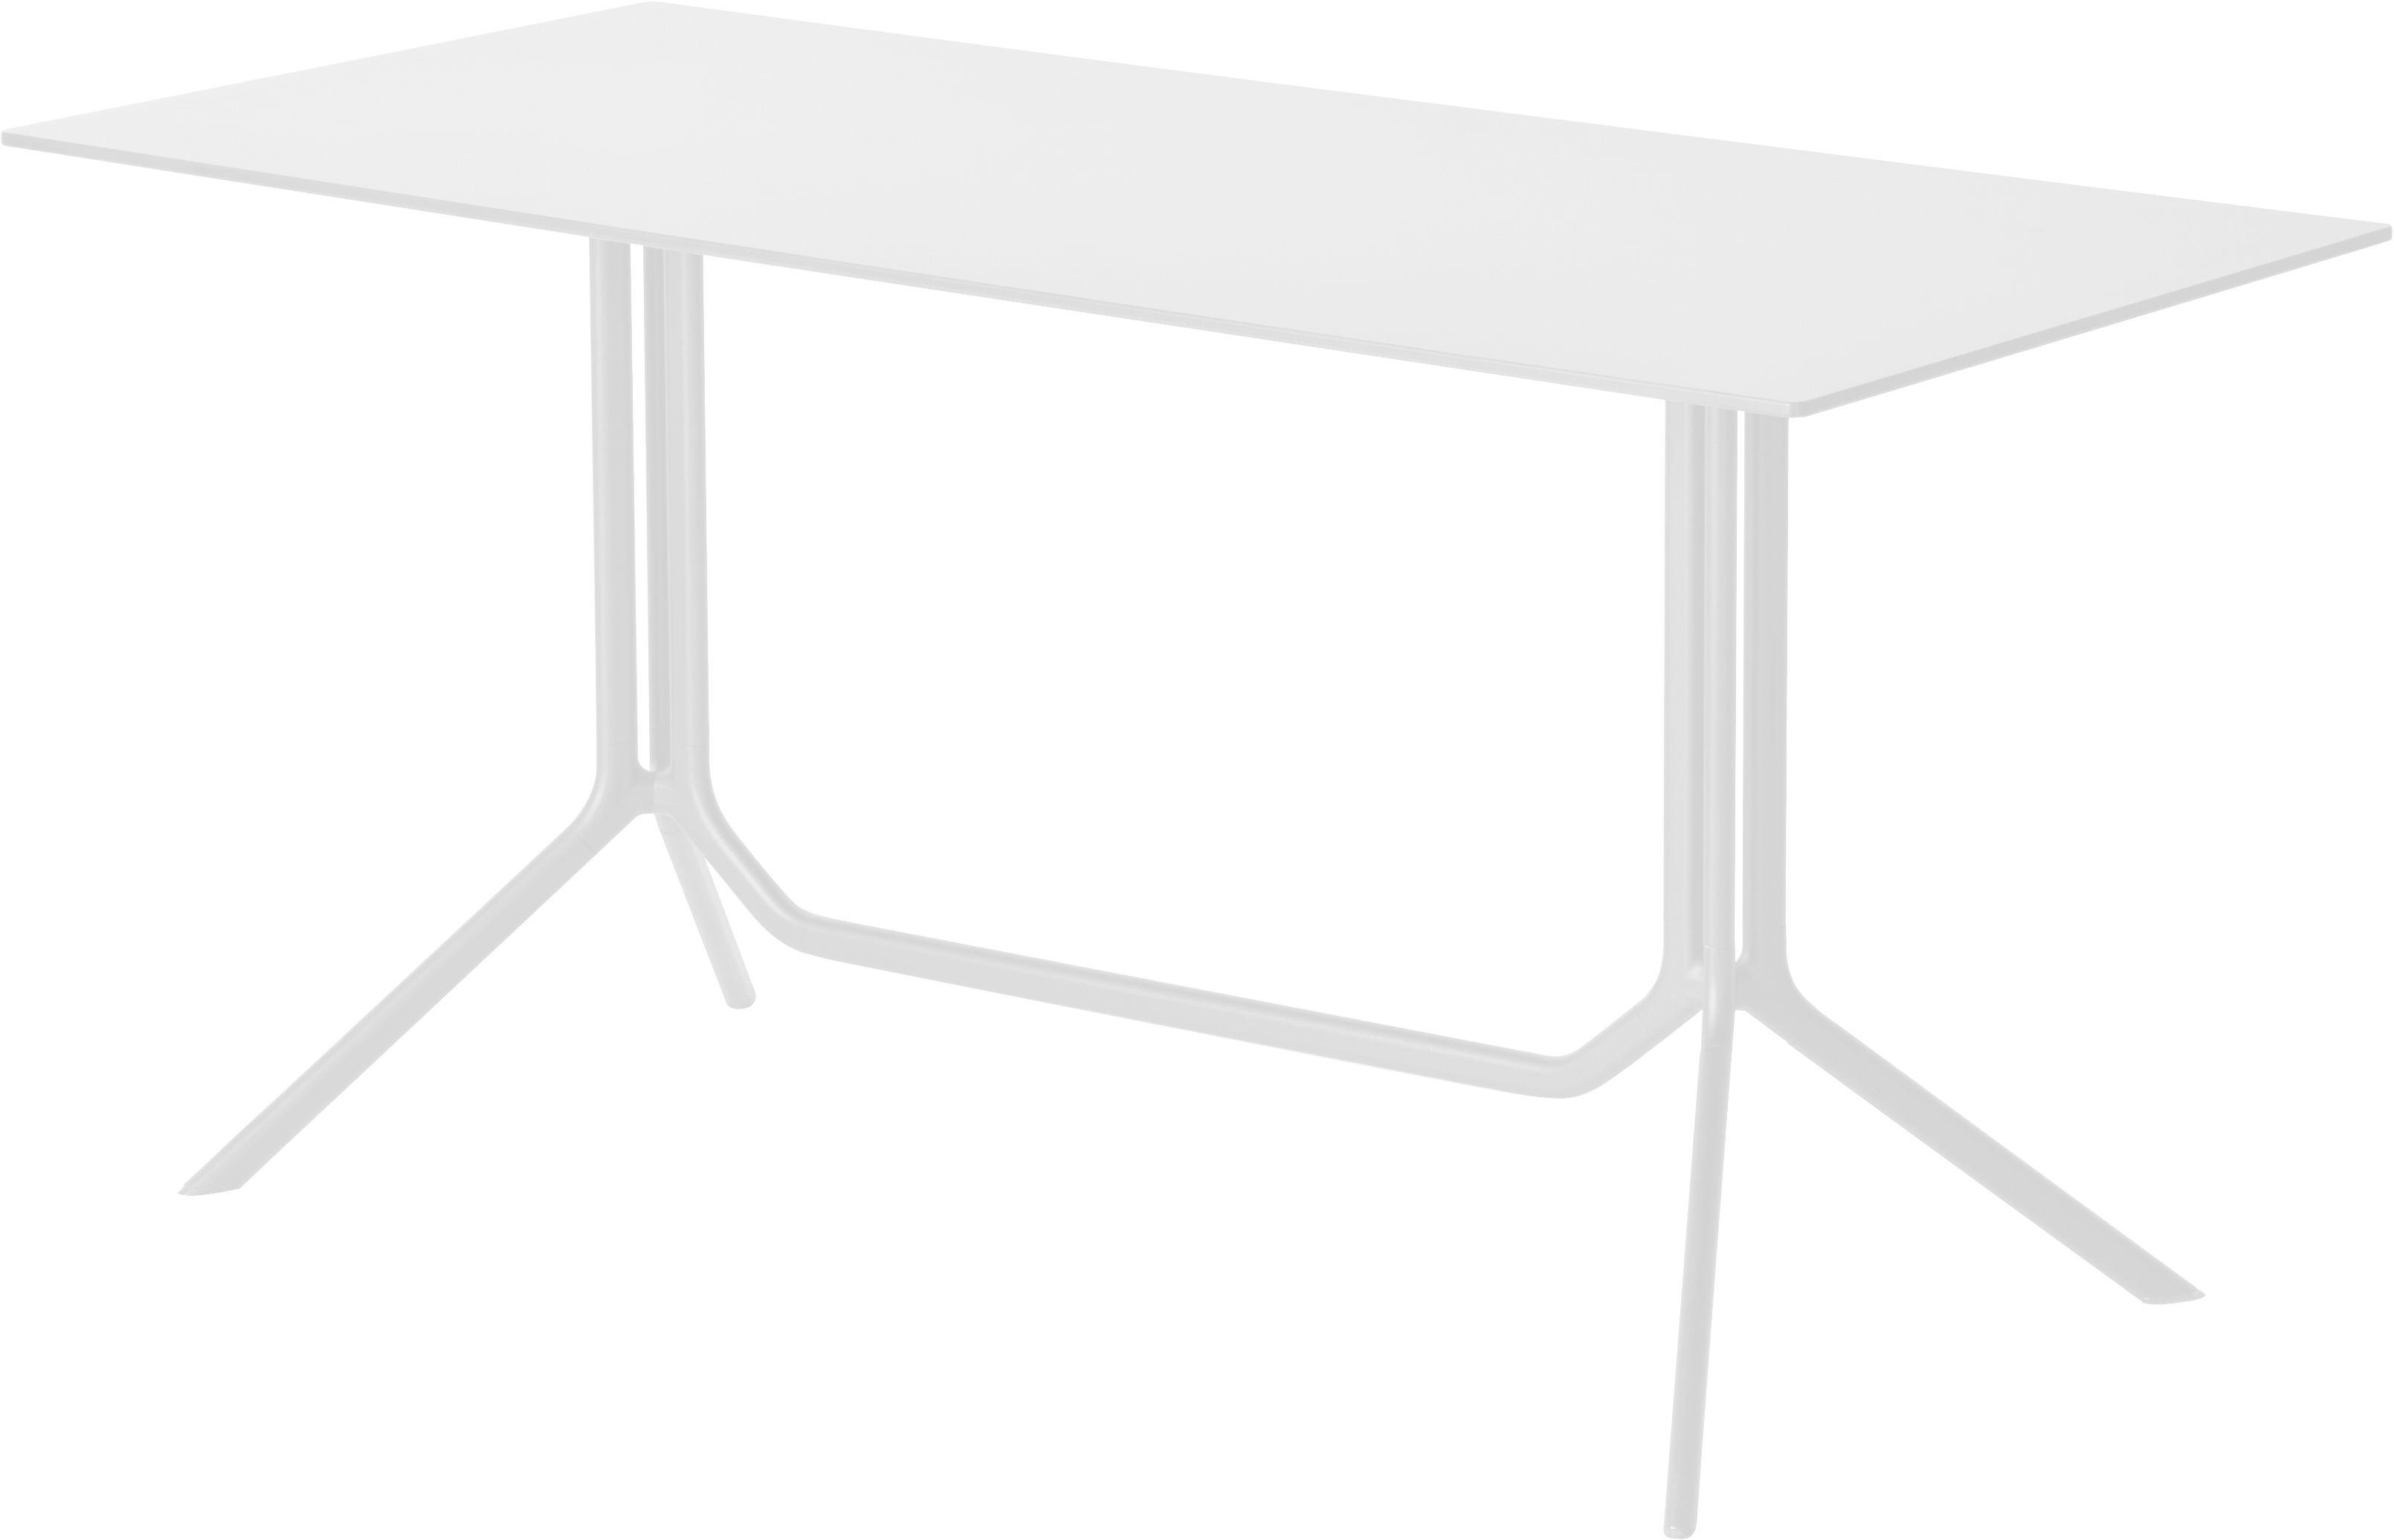 Outdoor - Tische - Poule double Klapptisch 150 x 70 cm - herunterklappbare Tischplatte - Kristalia - Laminat weiß (